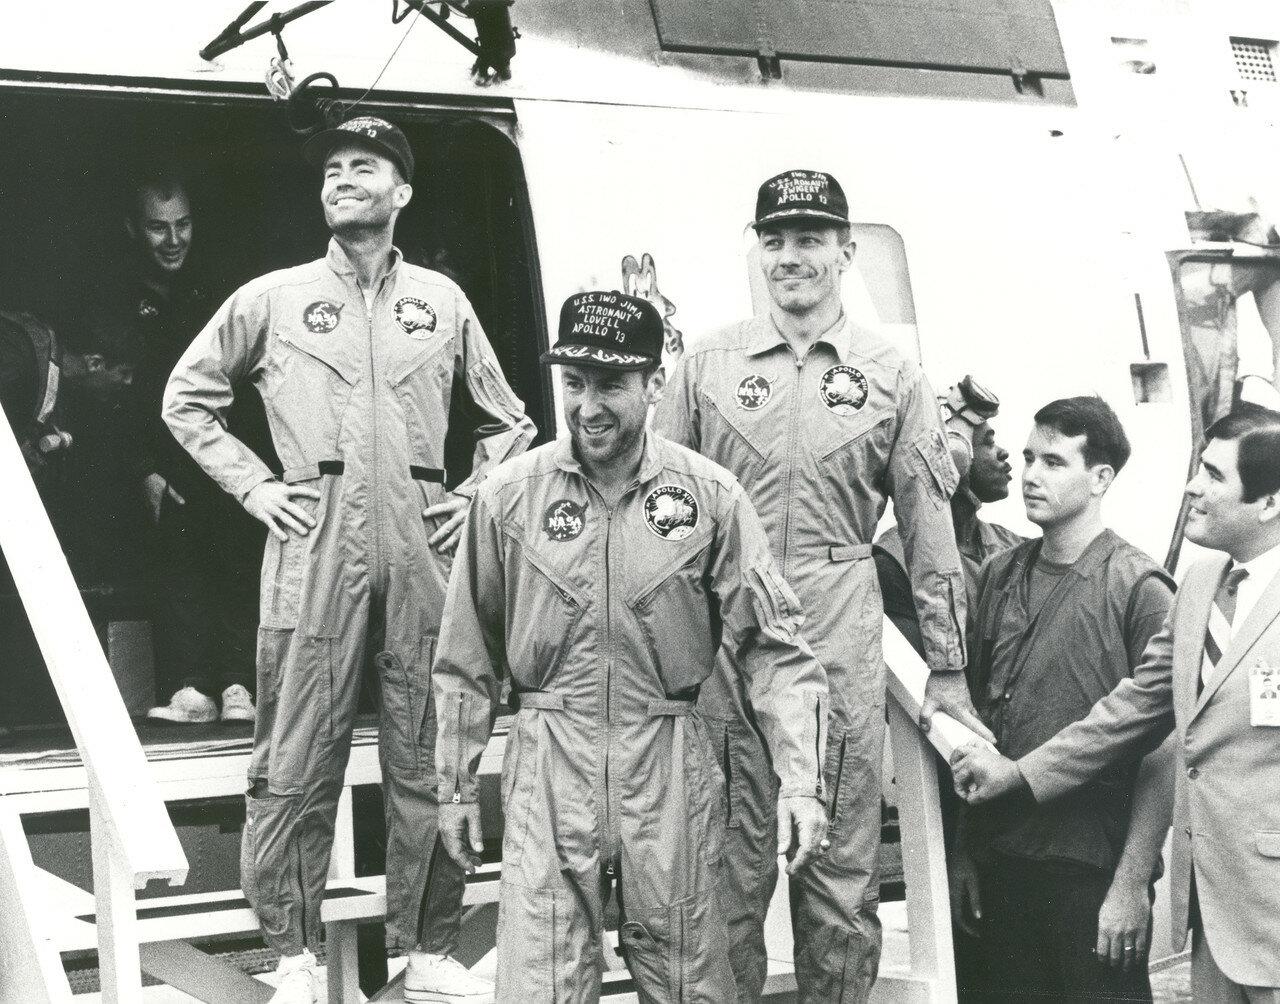 Экипаж Аполлона 13 на борту USS Иводзима после приводнения в южной части Тихого океана